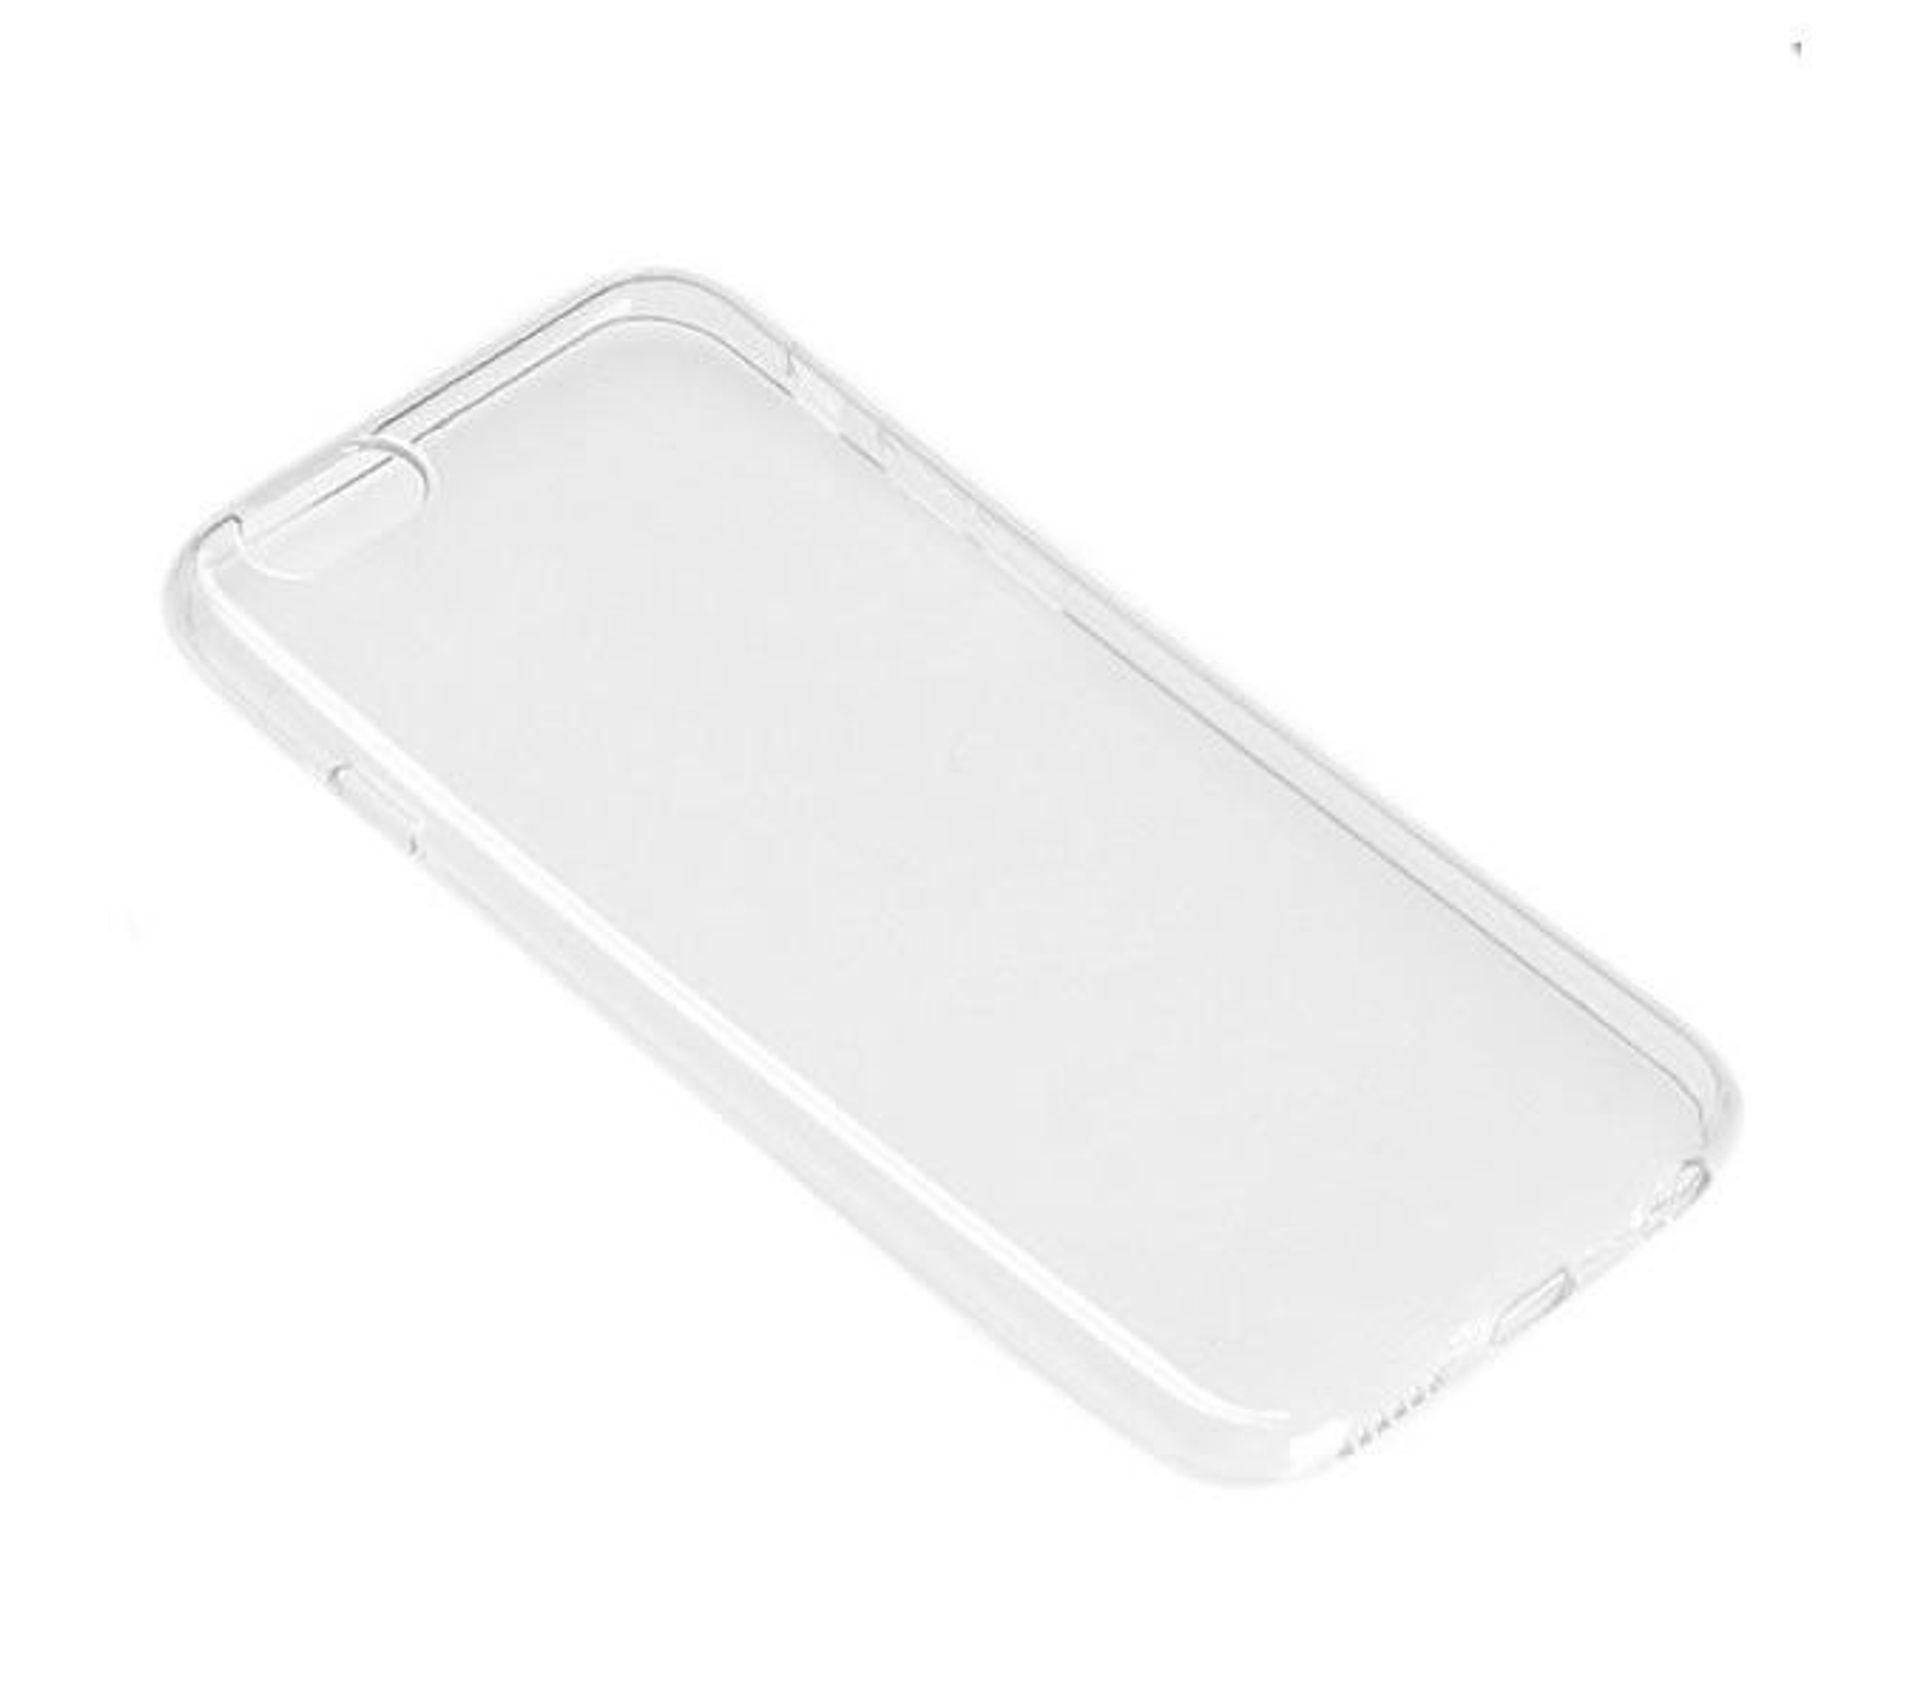 Etui Coque Silicone Tpu Transparent Pour Samsung I8160 Galaxy Ace 2